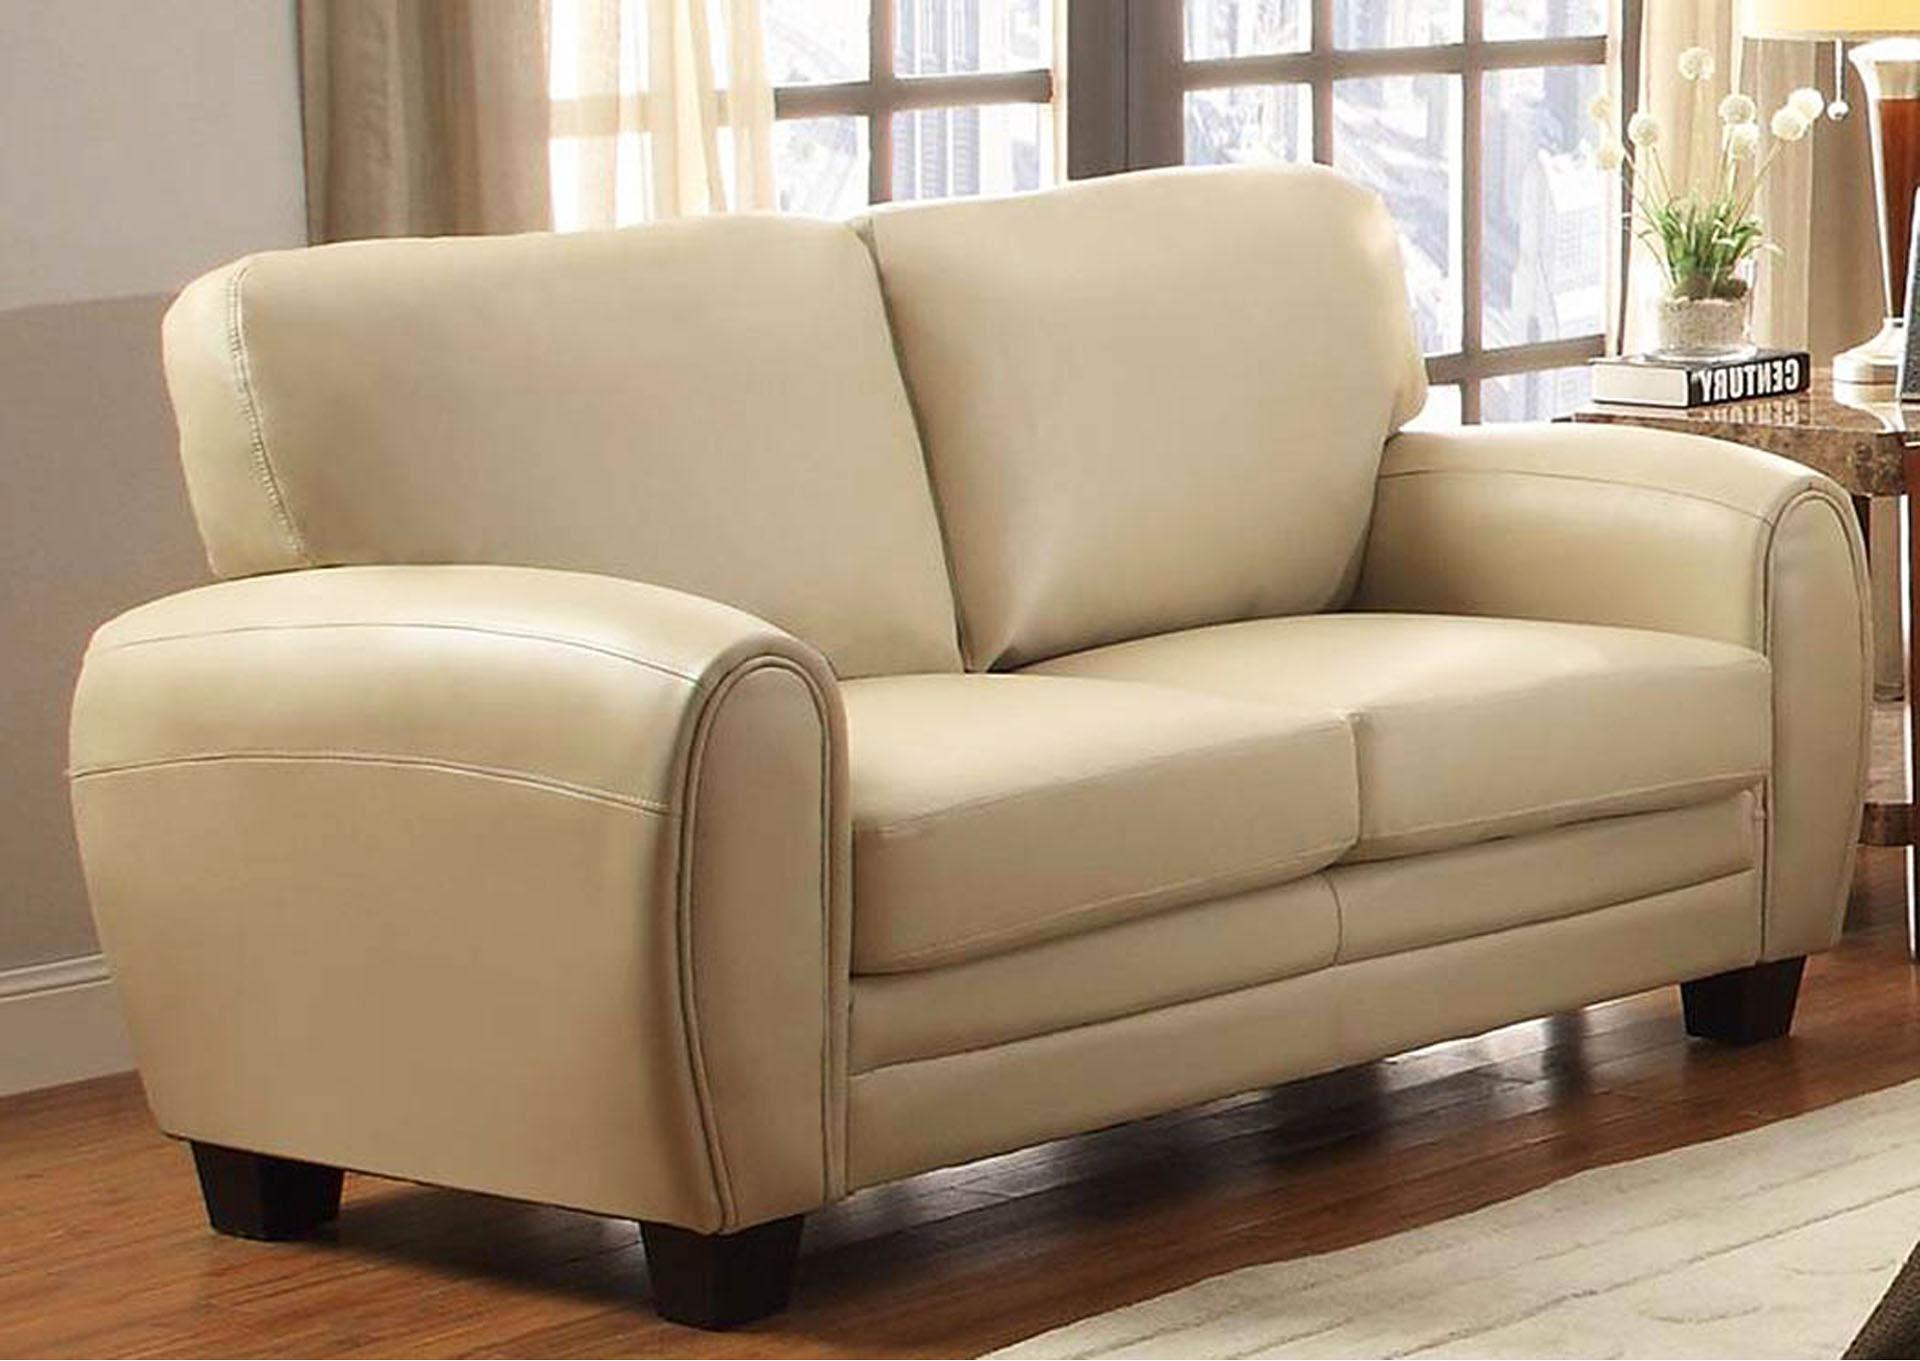 Bon Furniture. U003e